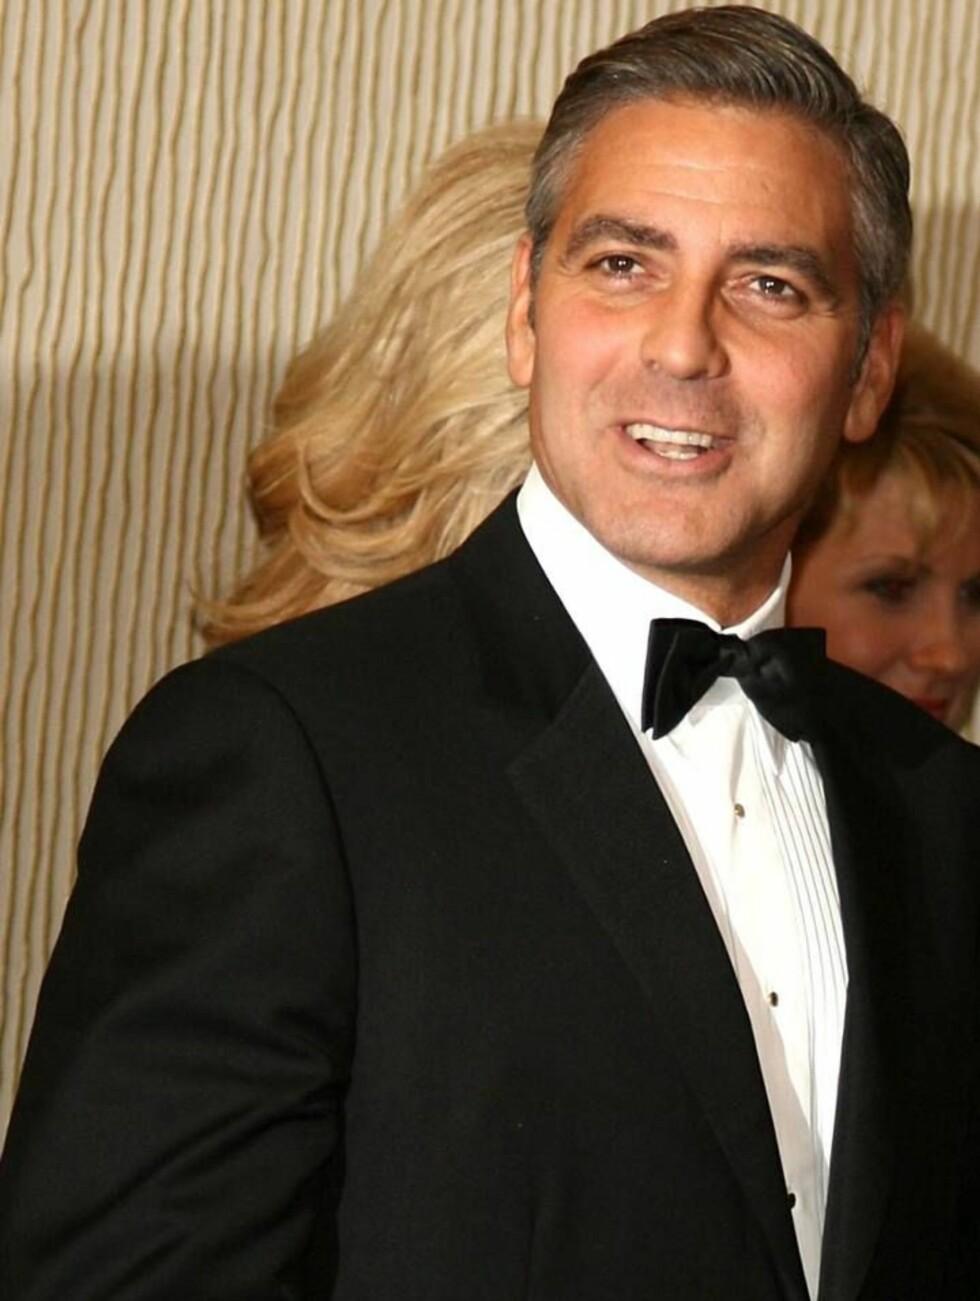 GJESTFRI: Clooney åpner dørene til luksuspalasset. Foto: All Over Press